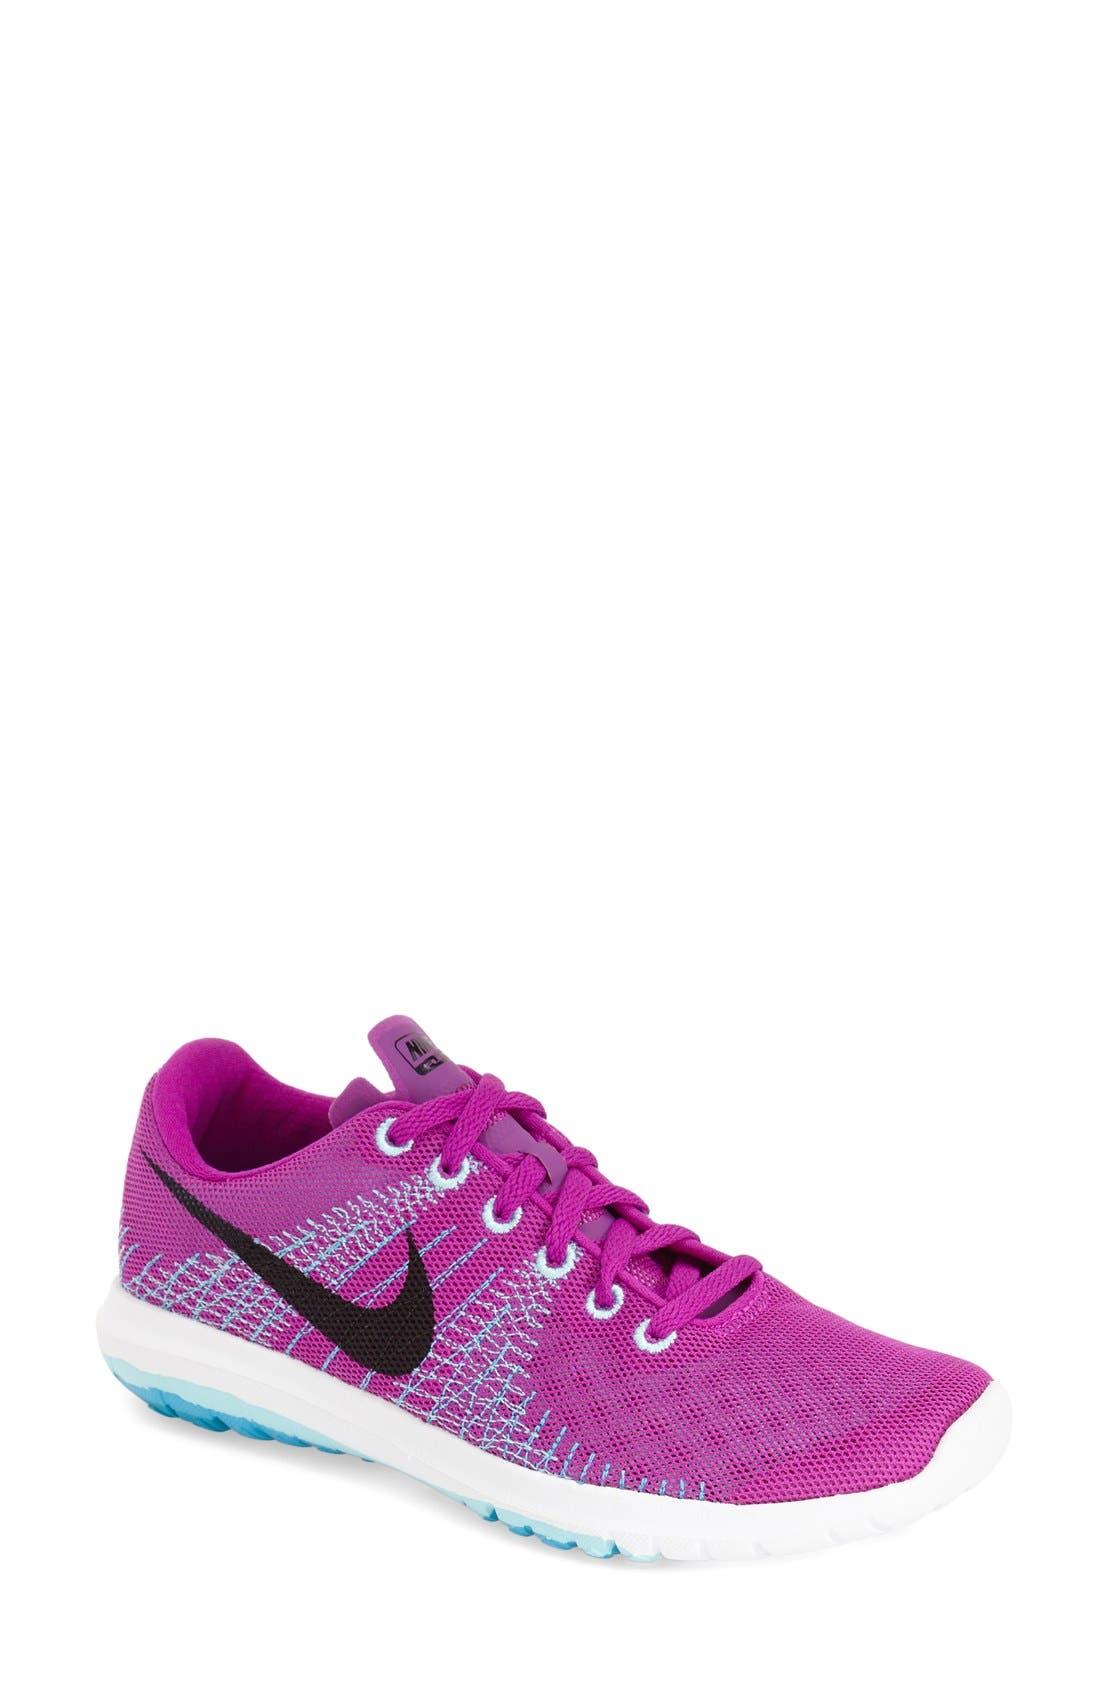 Main Image - Nike 'Flex Fury' Running Shoe (Women)